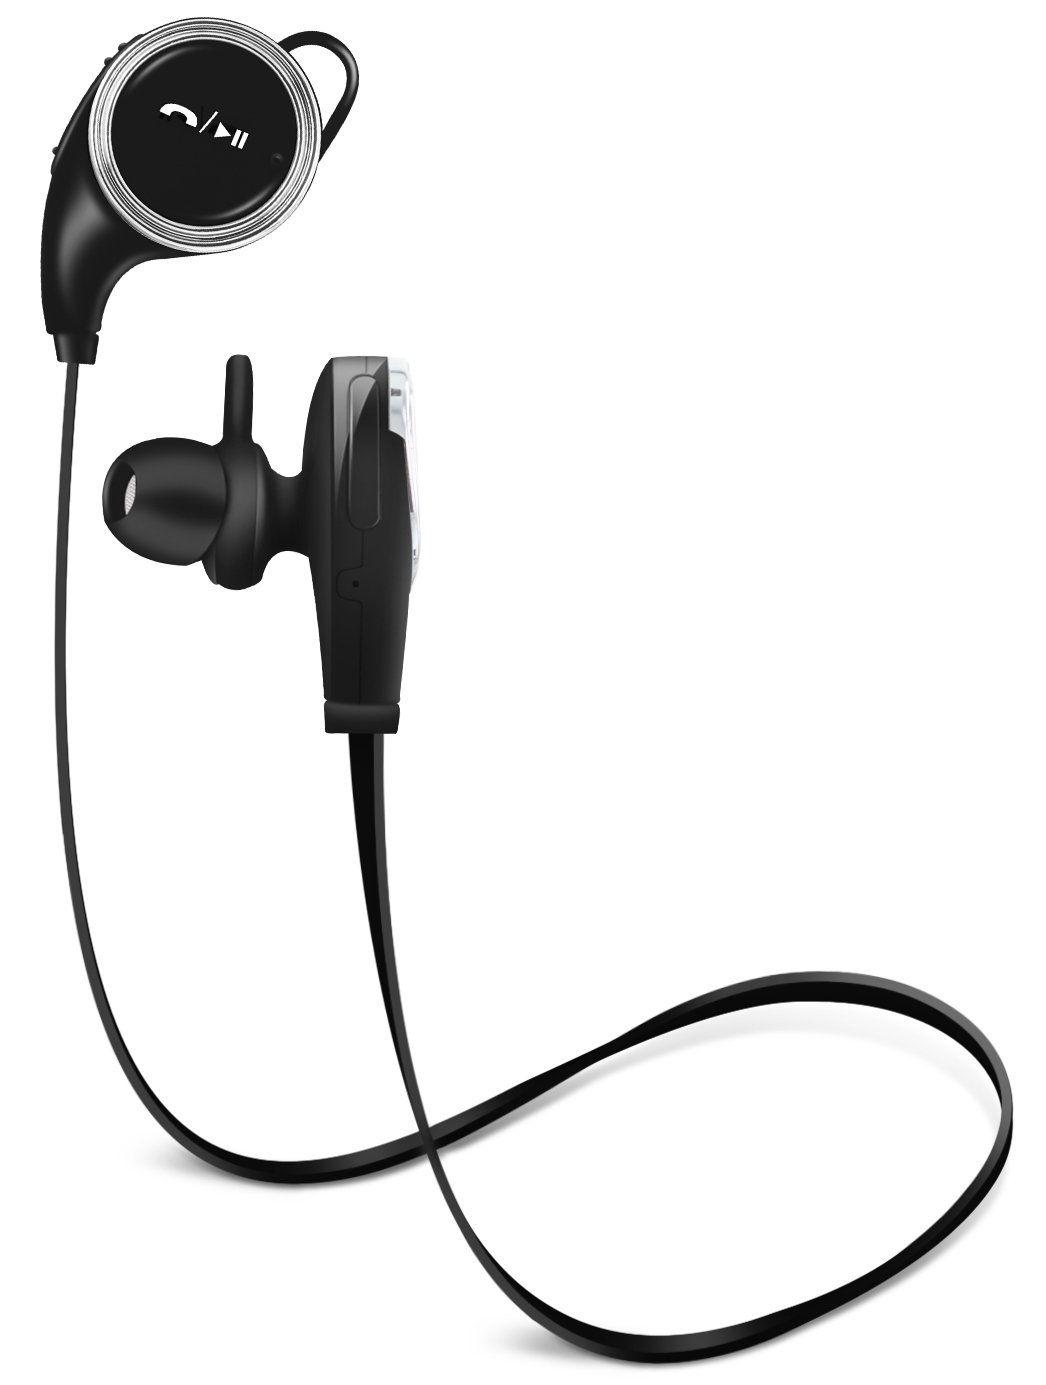 aduro noise canceling bluetooth headset